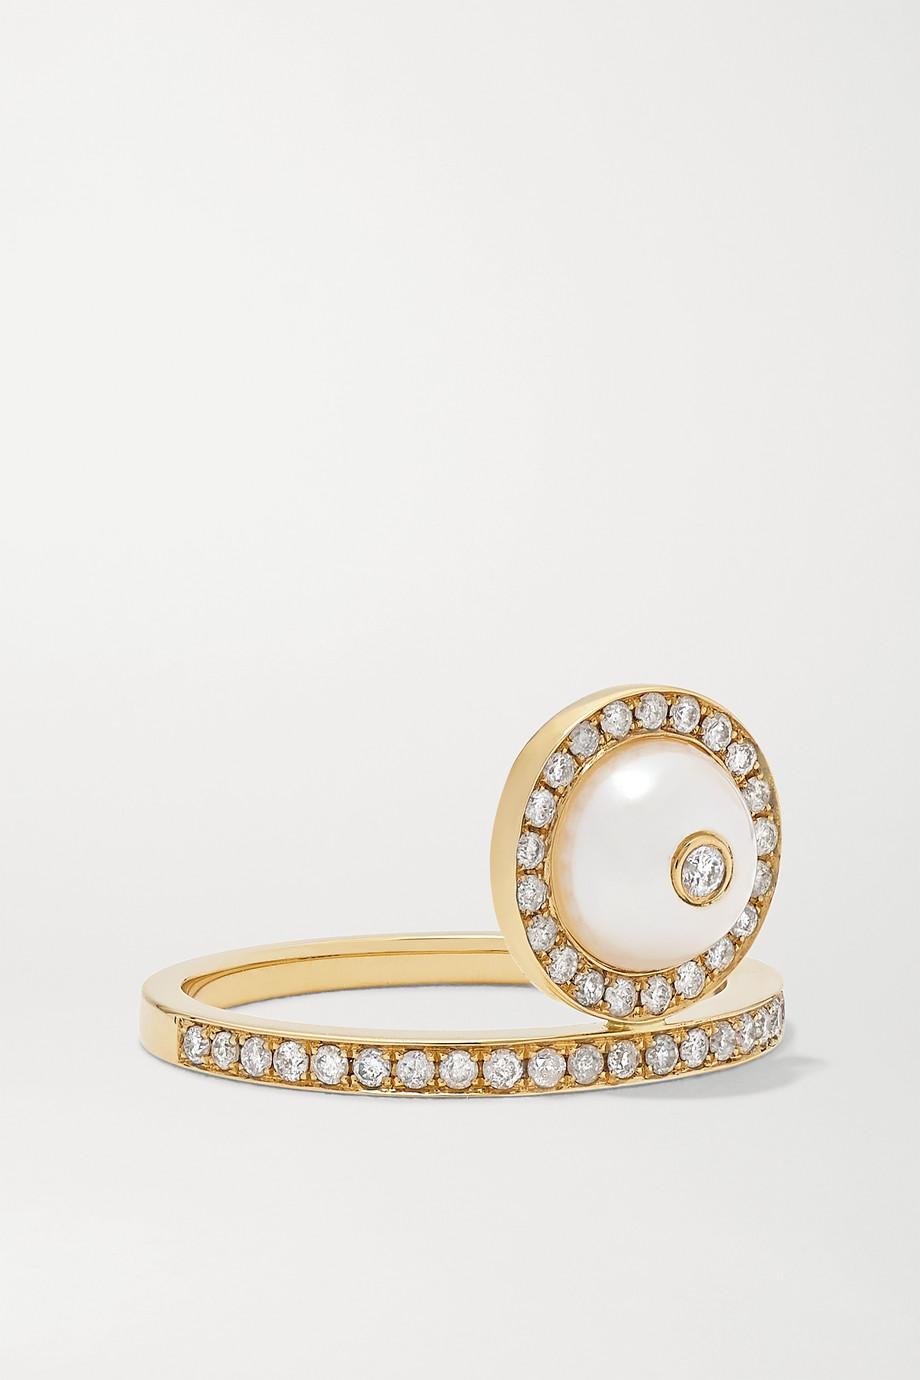 Anissa Kermiche Bague en or 18 carats (750/1000), diamants et perle Solitaire